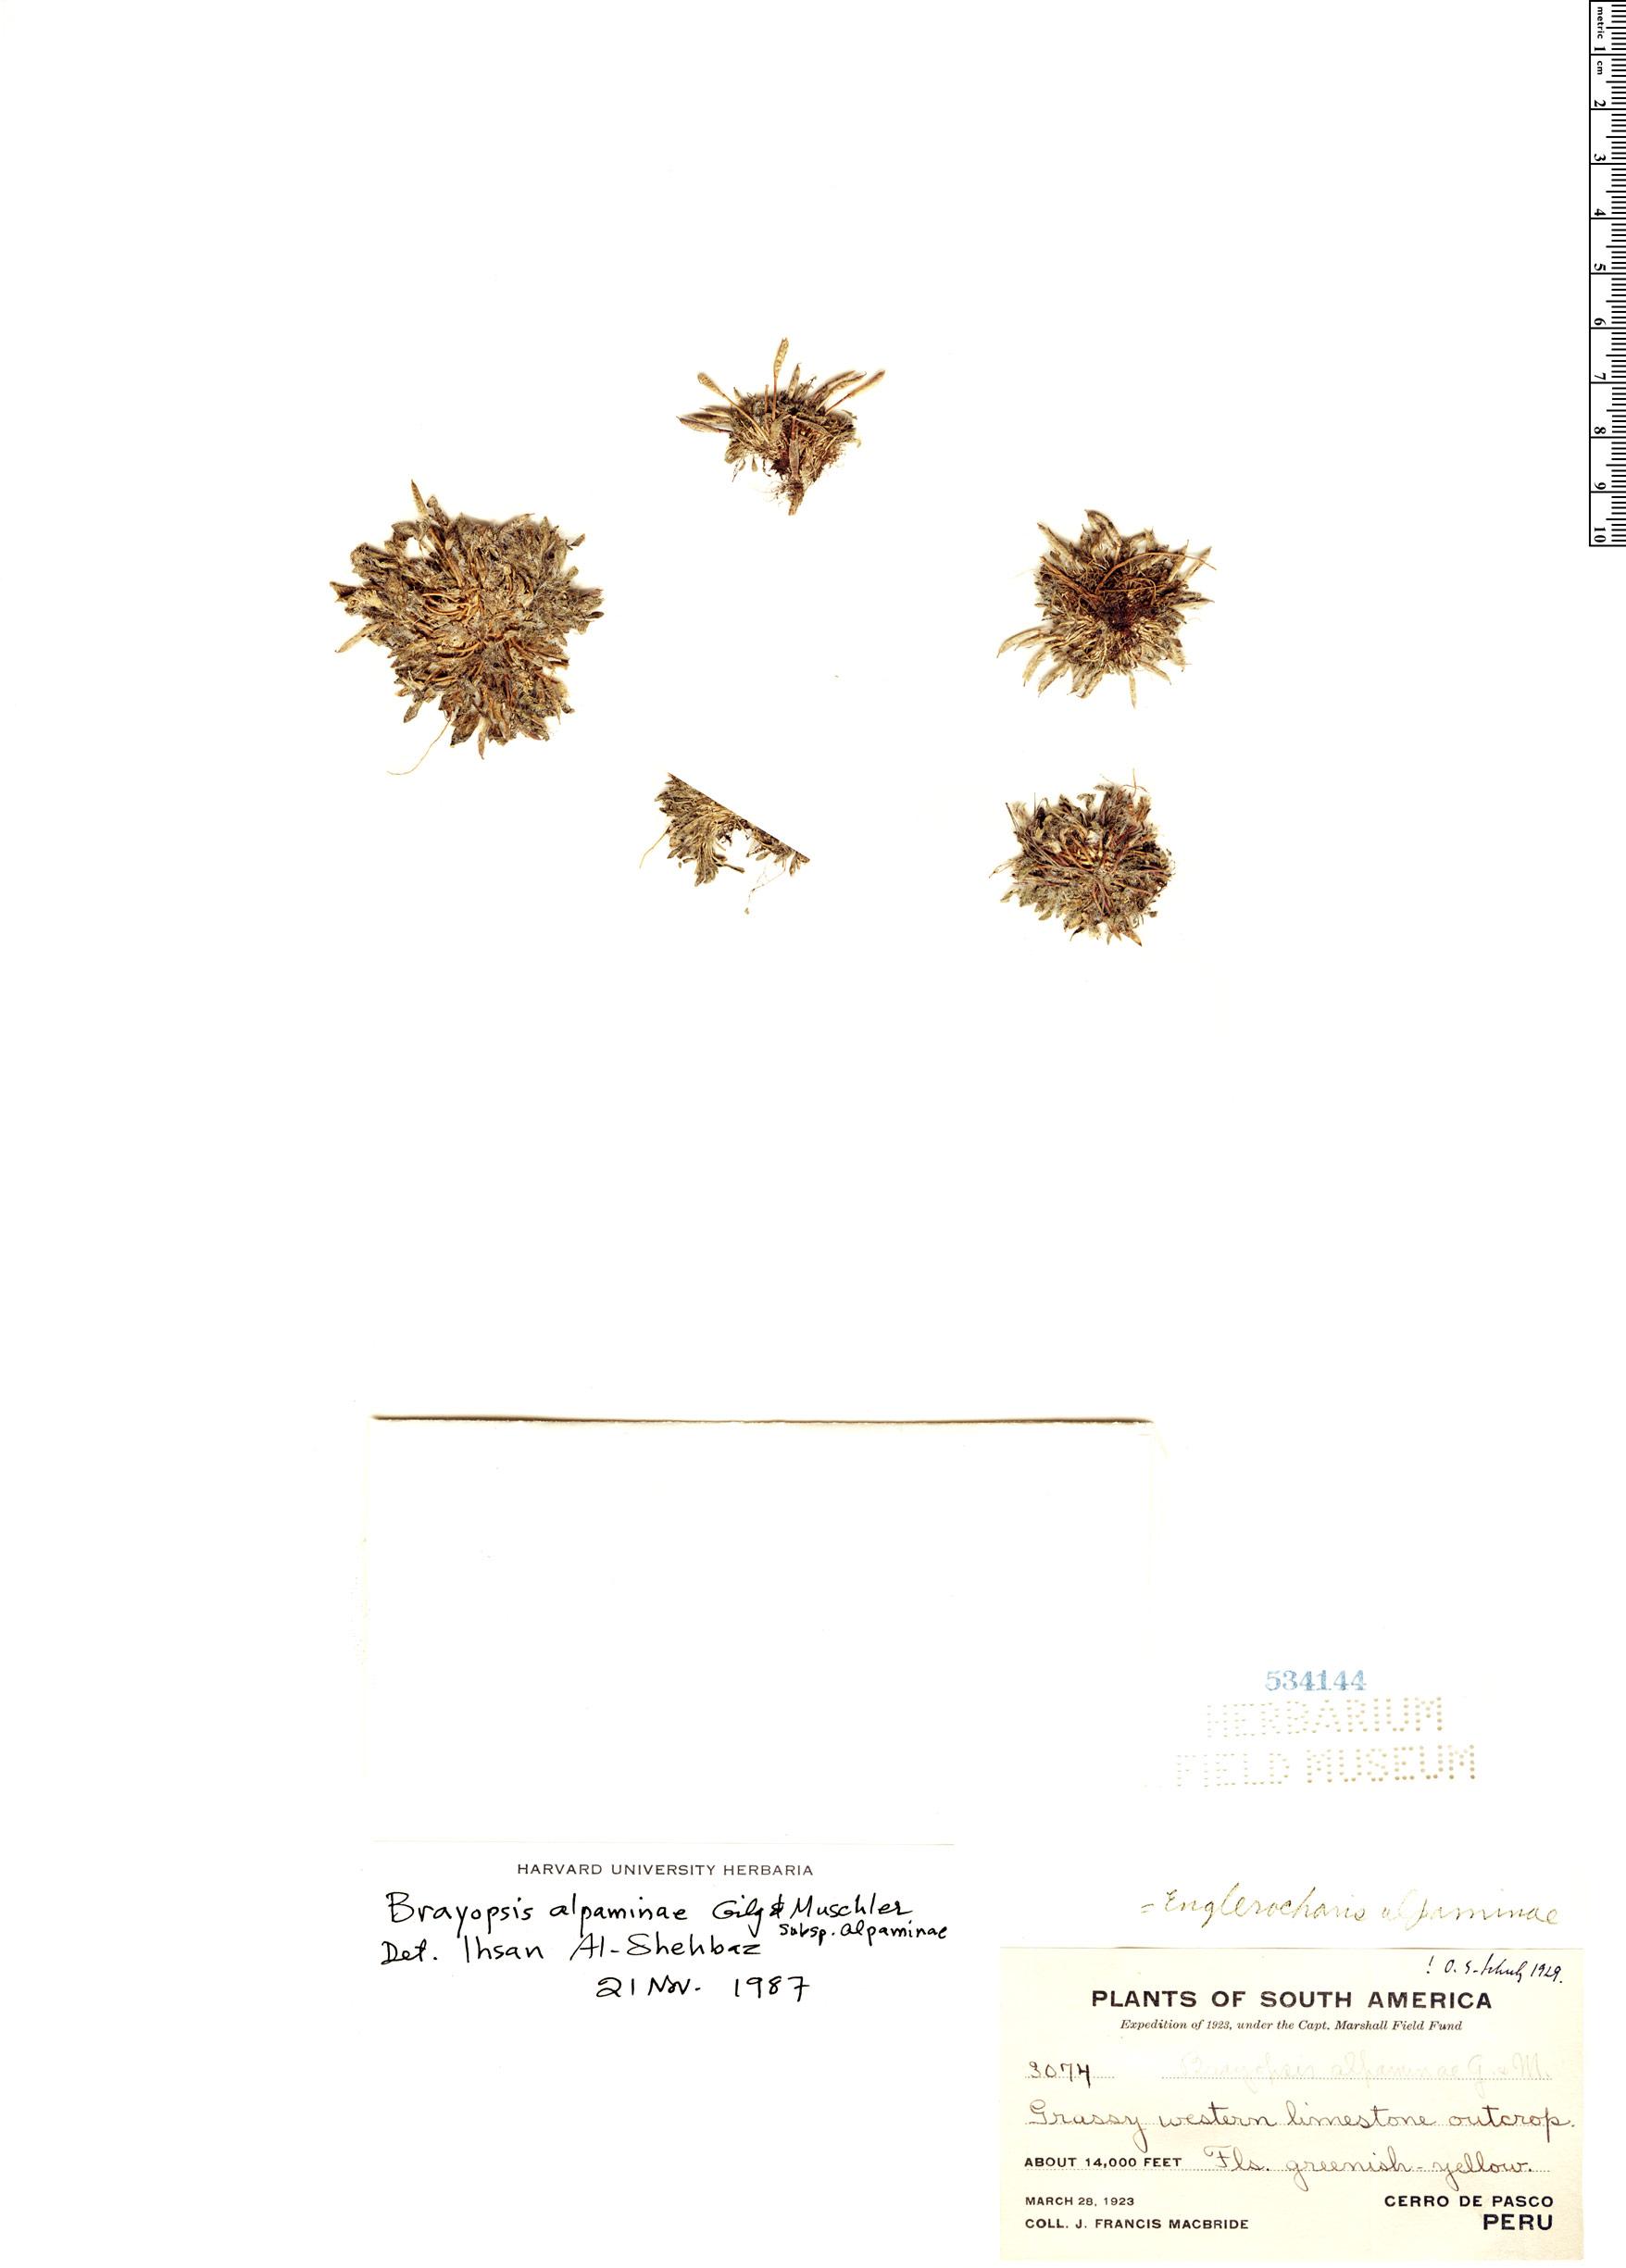 Espécime: Brayopsis alpaminae